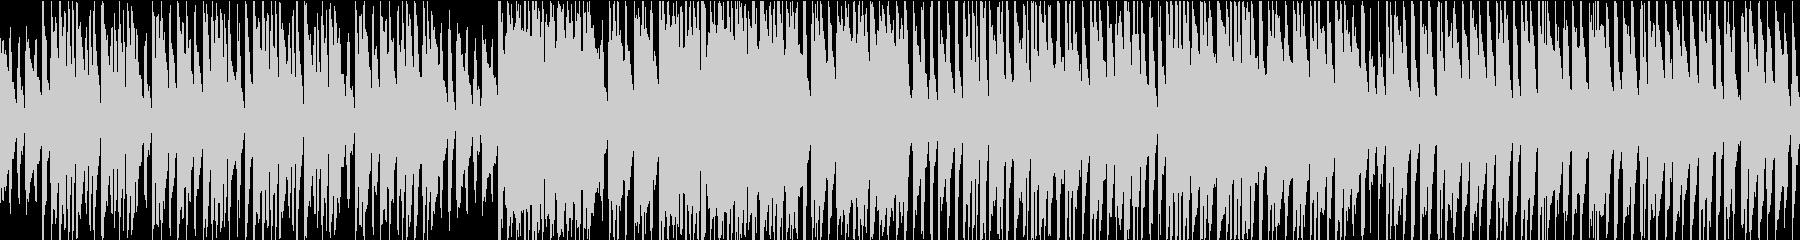 【ループ】街並みBGM/ゆったり・日常の未再生の波形